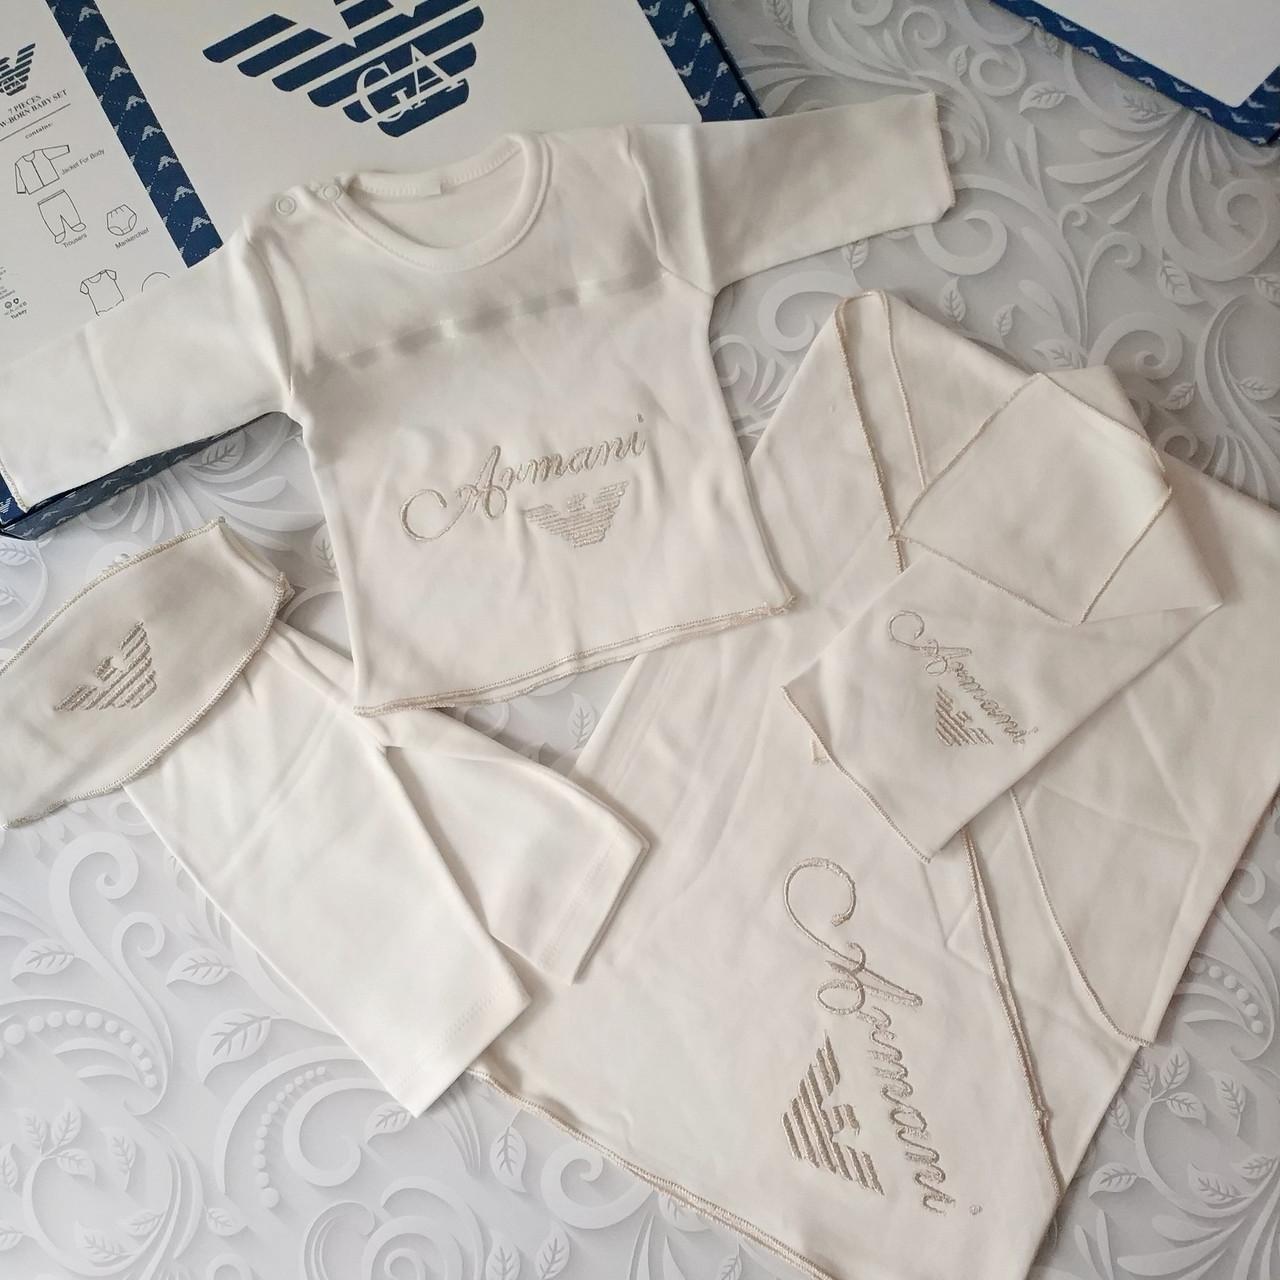 Комплект Armani на выписку, в роддом, на крещение, 5 предметов